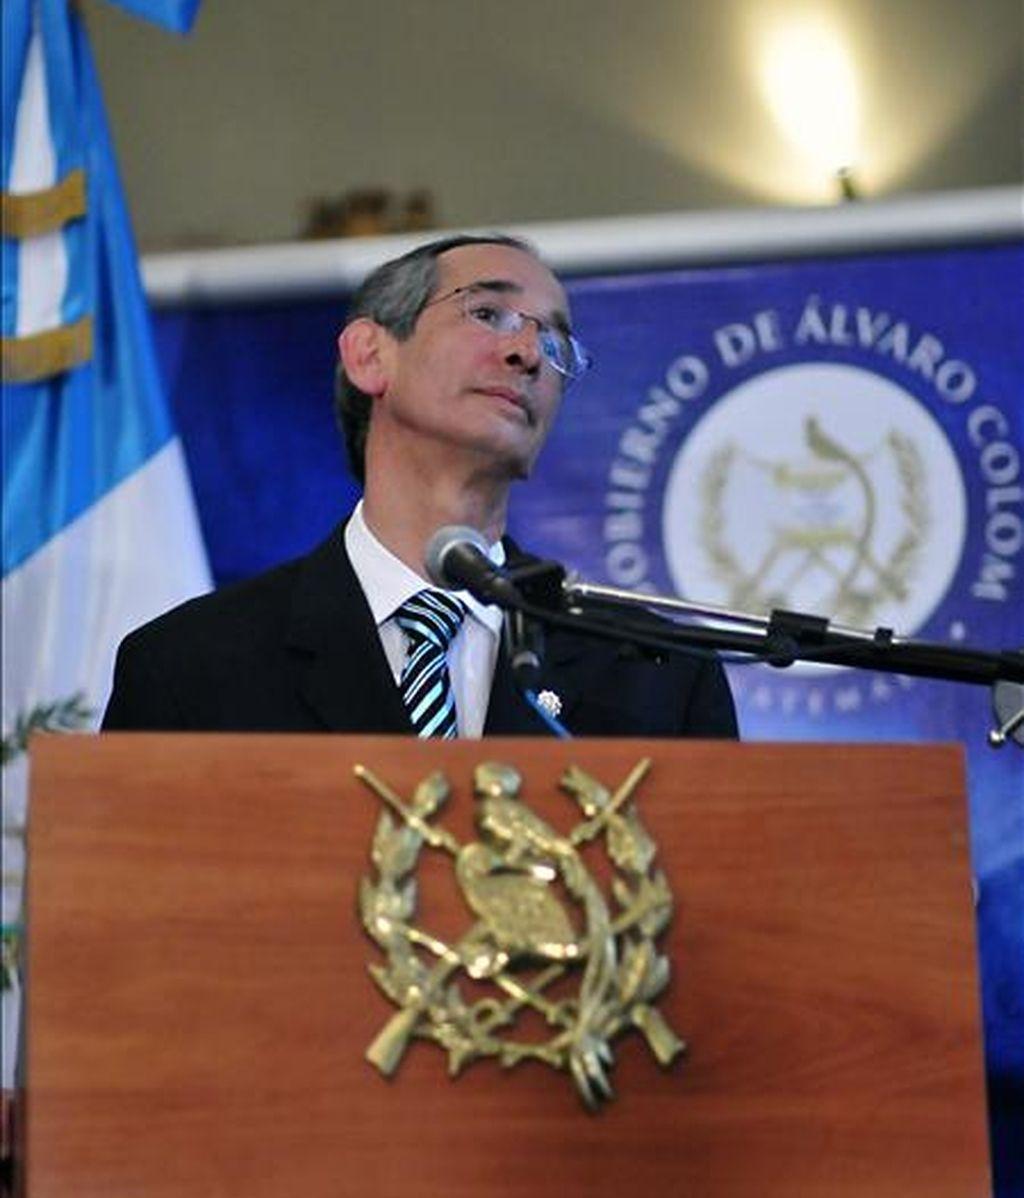 El presidente de Guatemala, Álvaro Colom dijo que sólo reconoce como presidente constitucional de Honduras a Manuel Zelaya, quien fue destituido por el Congreso de su país. EFE